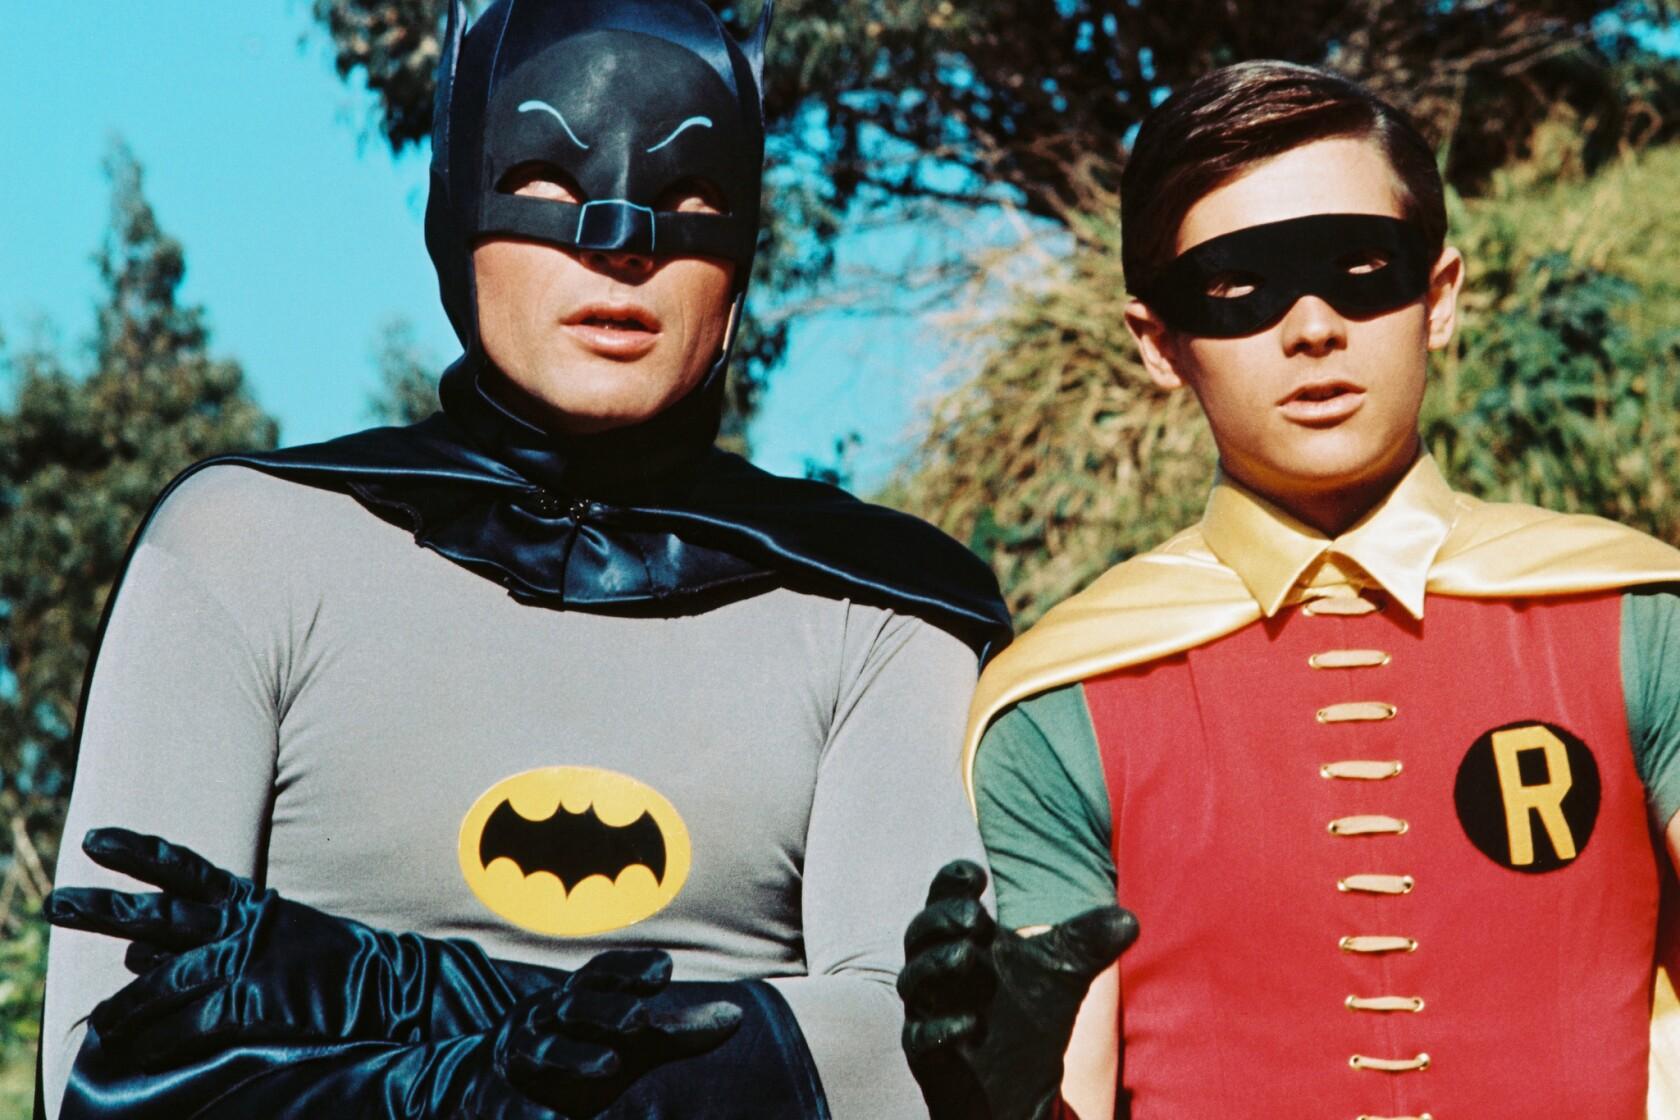 Adam West, star of the 'Batman' TV series, dies at 88 - Los